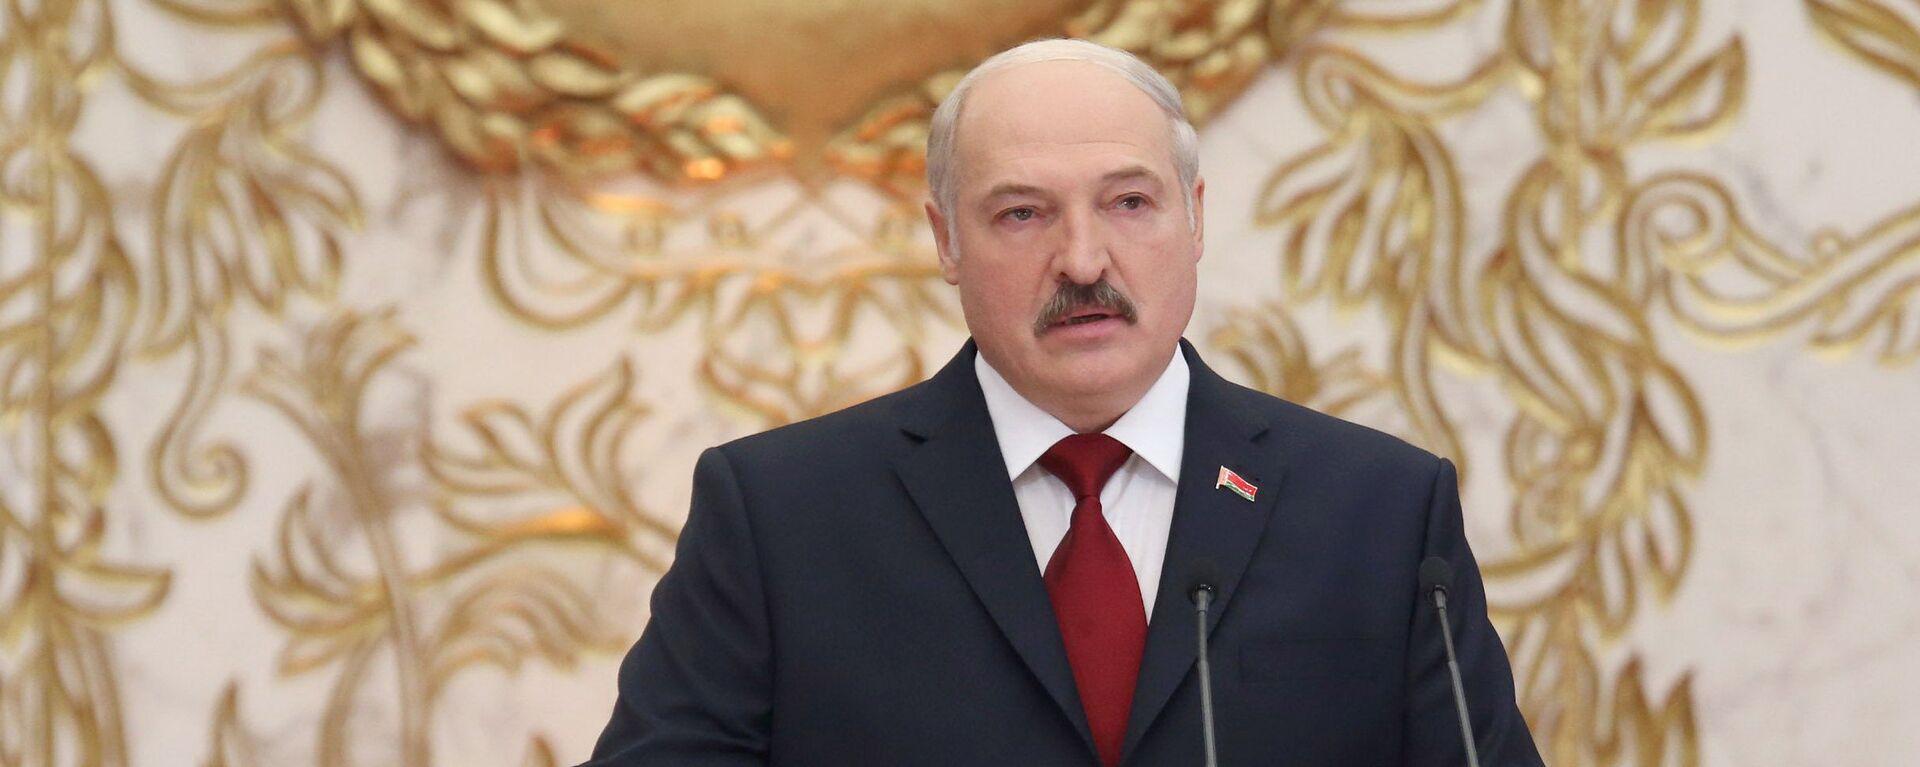 Инаугурација белоруског председника Александра Лукашенка - Sputnik Србија, 1920, 27.11.2020